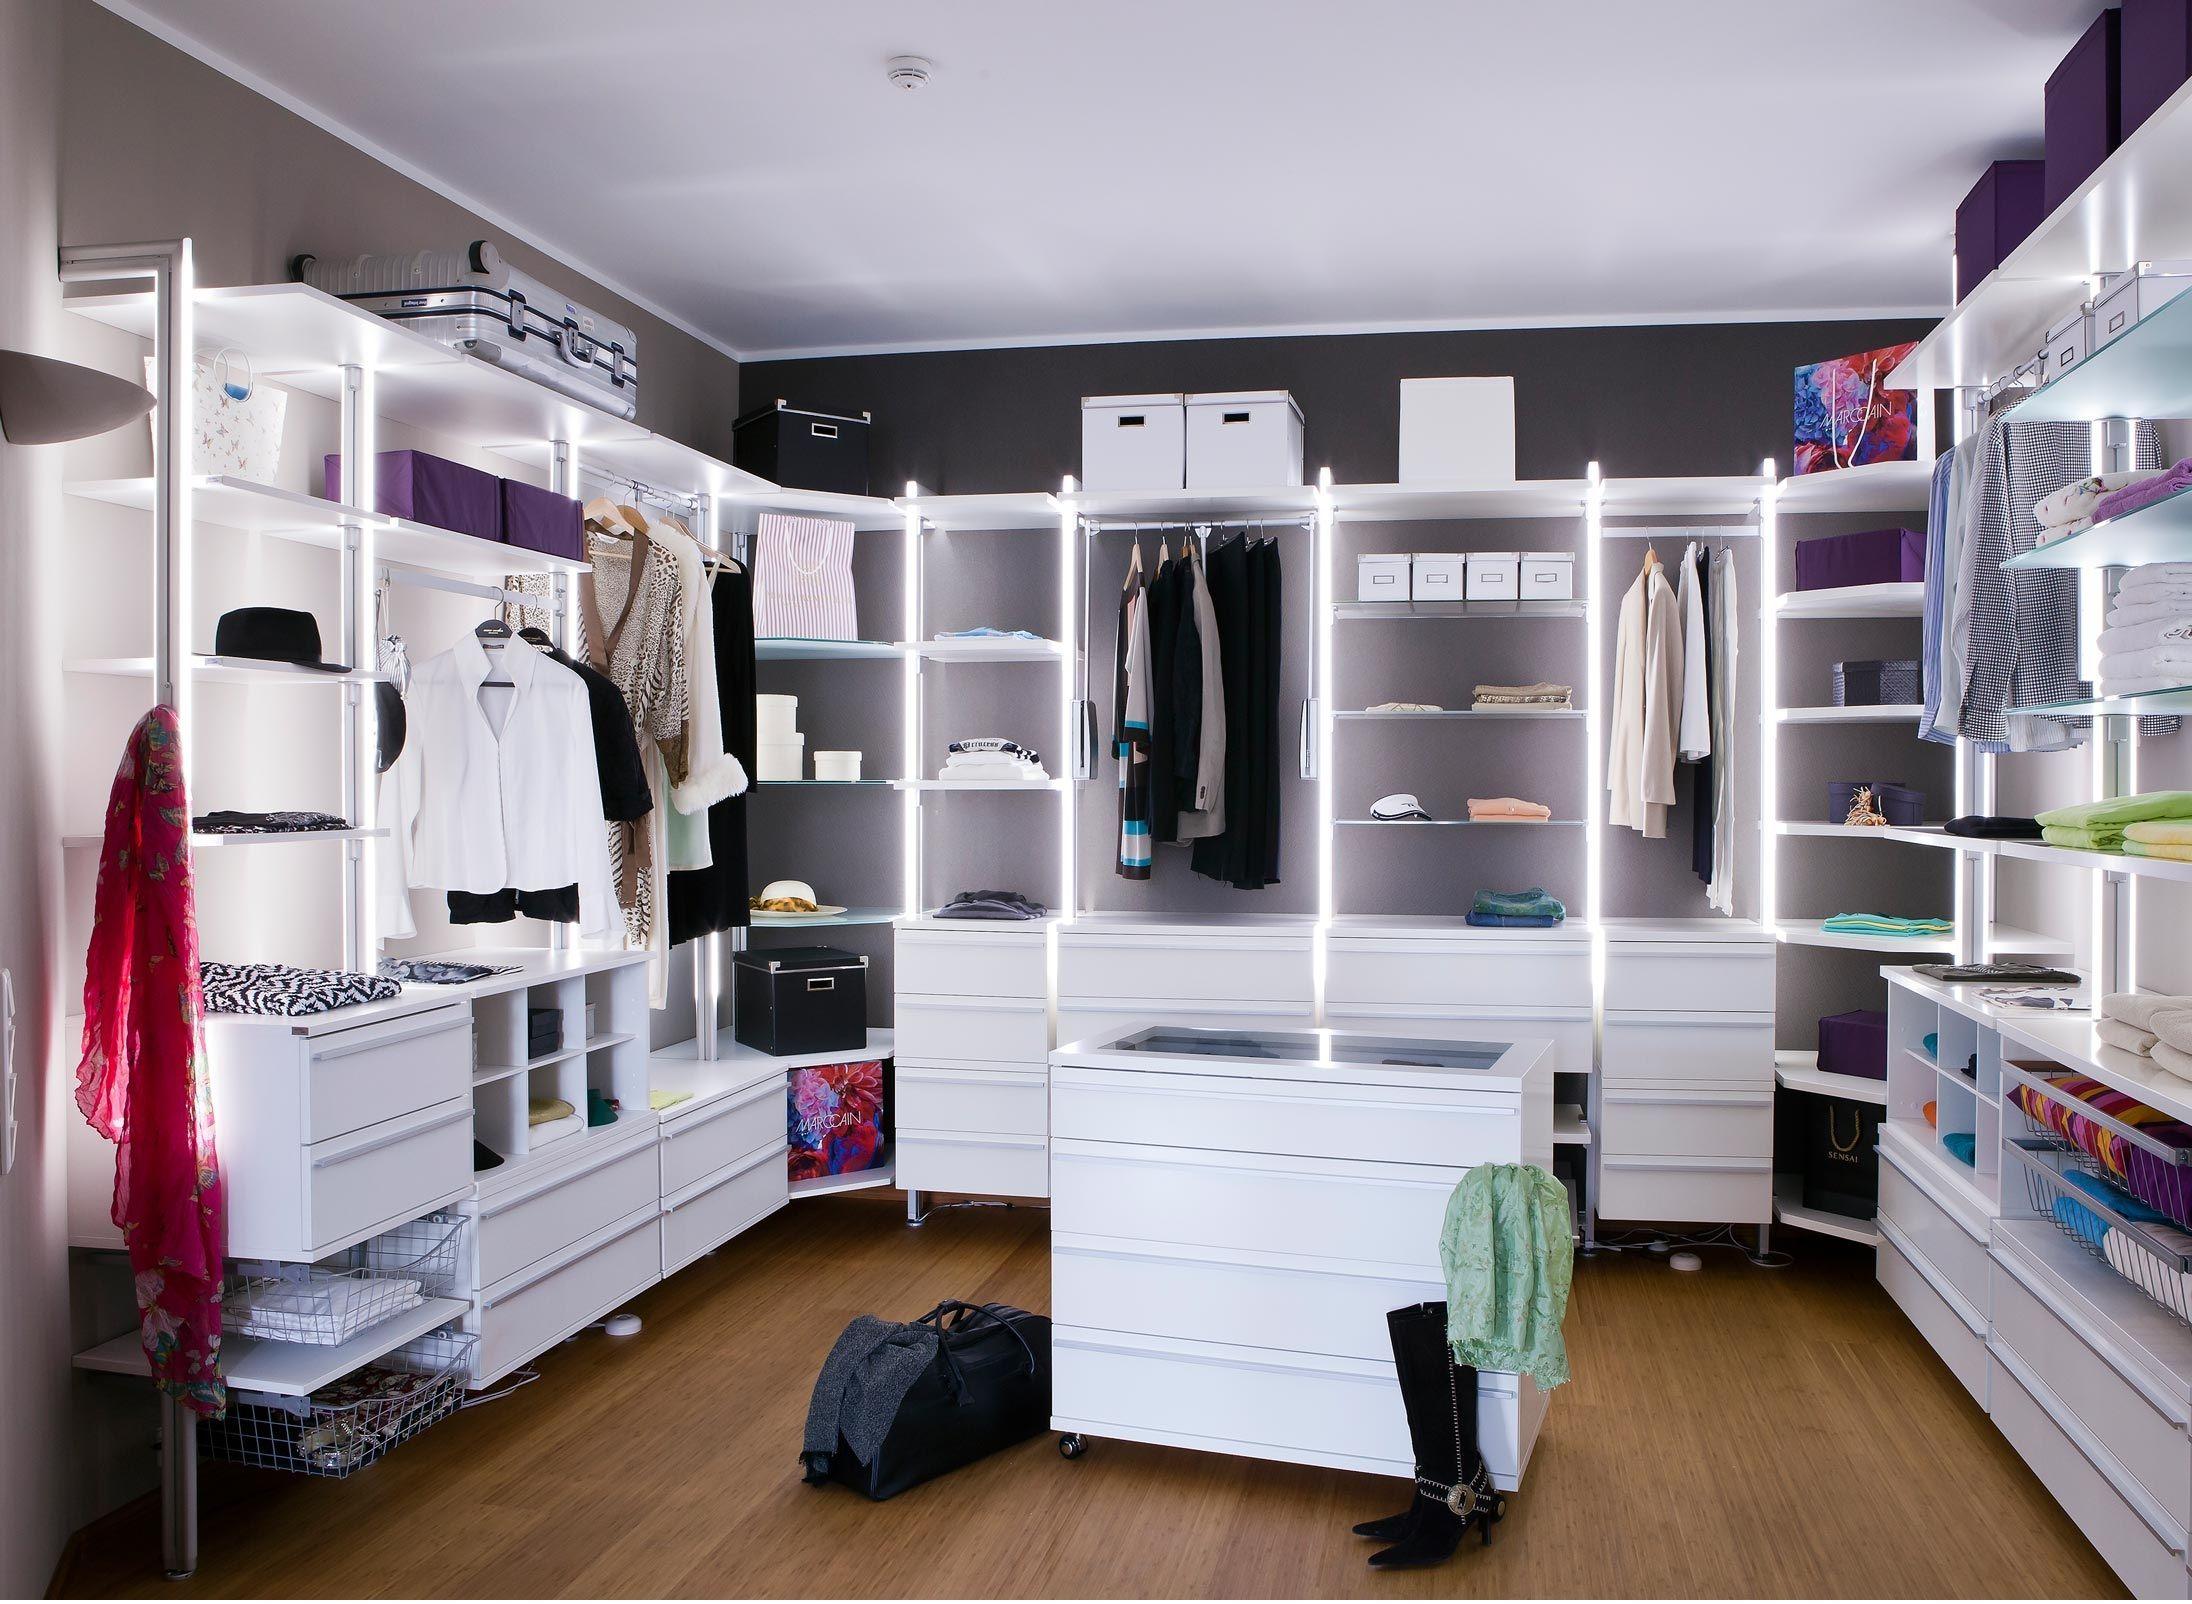 Begehbaren Kleiderschrank Planen begehbarer kleiderschrank frank schranksysteme energiesparende